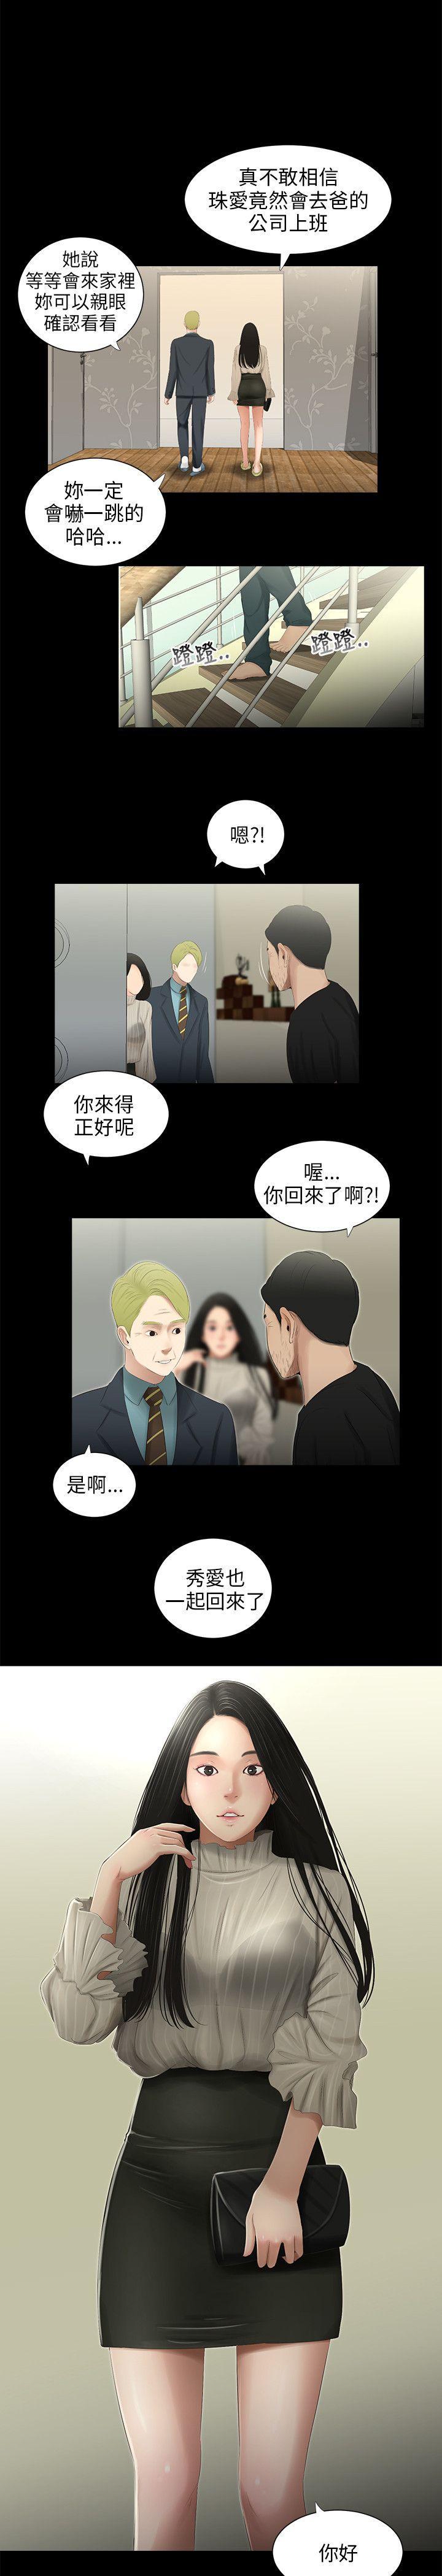 三姐妹 47-50 Chinese 46